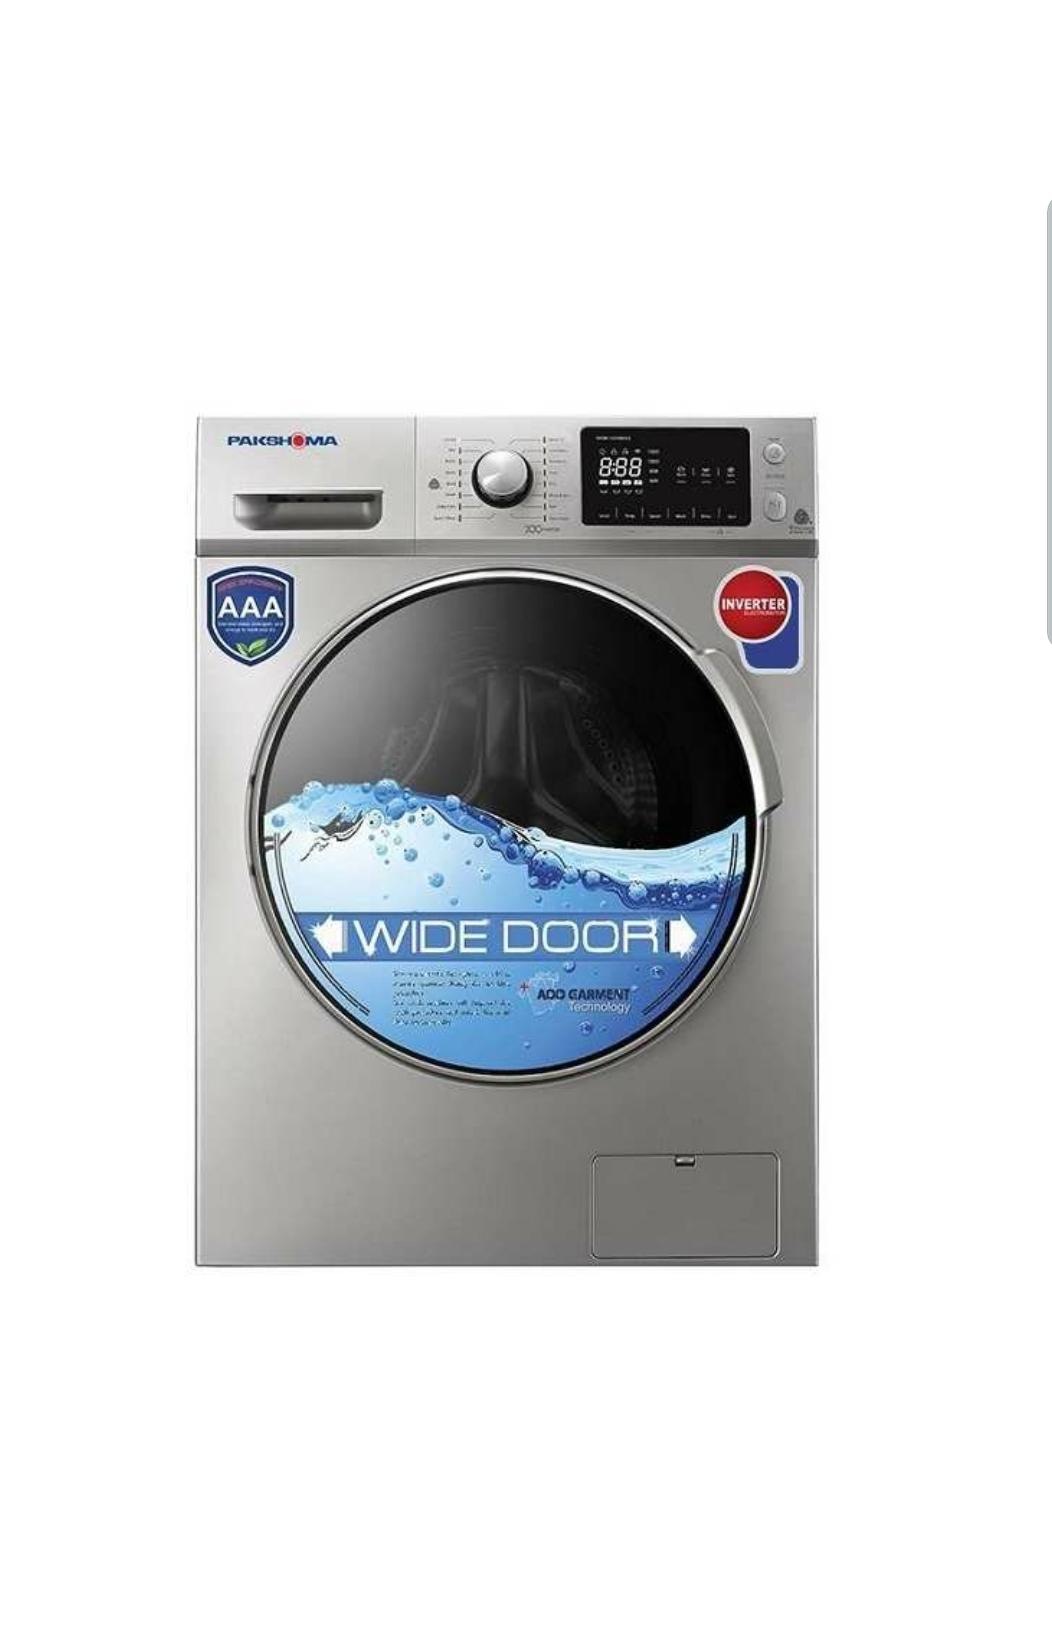 ماشین لباسشویی پاکشوما مدل WFI-83413 ظرفیت ۸ کیلوگرم